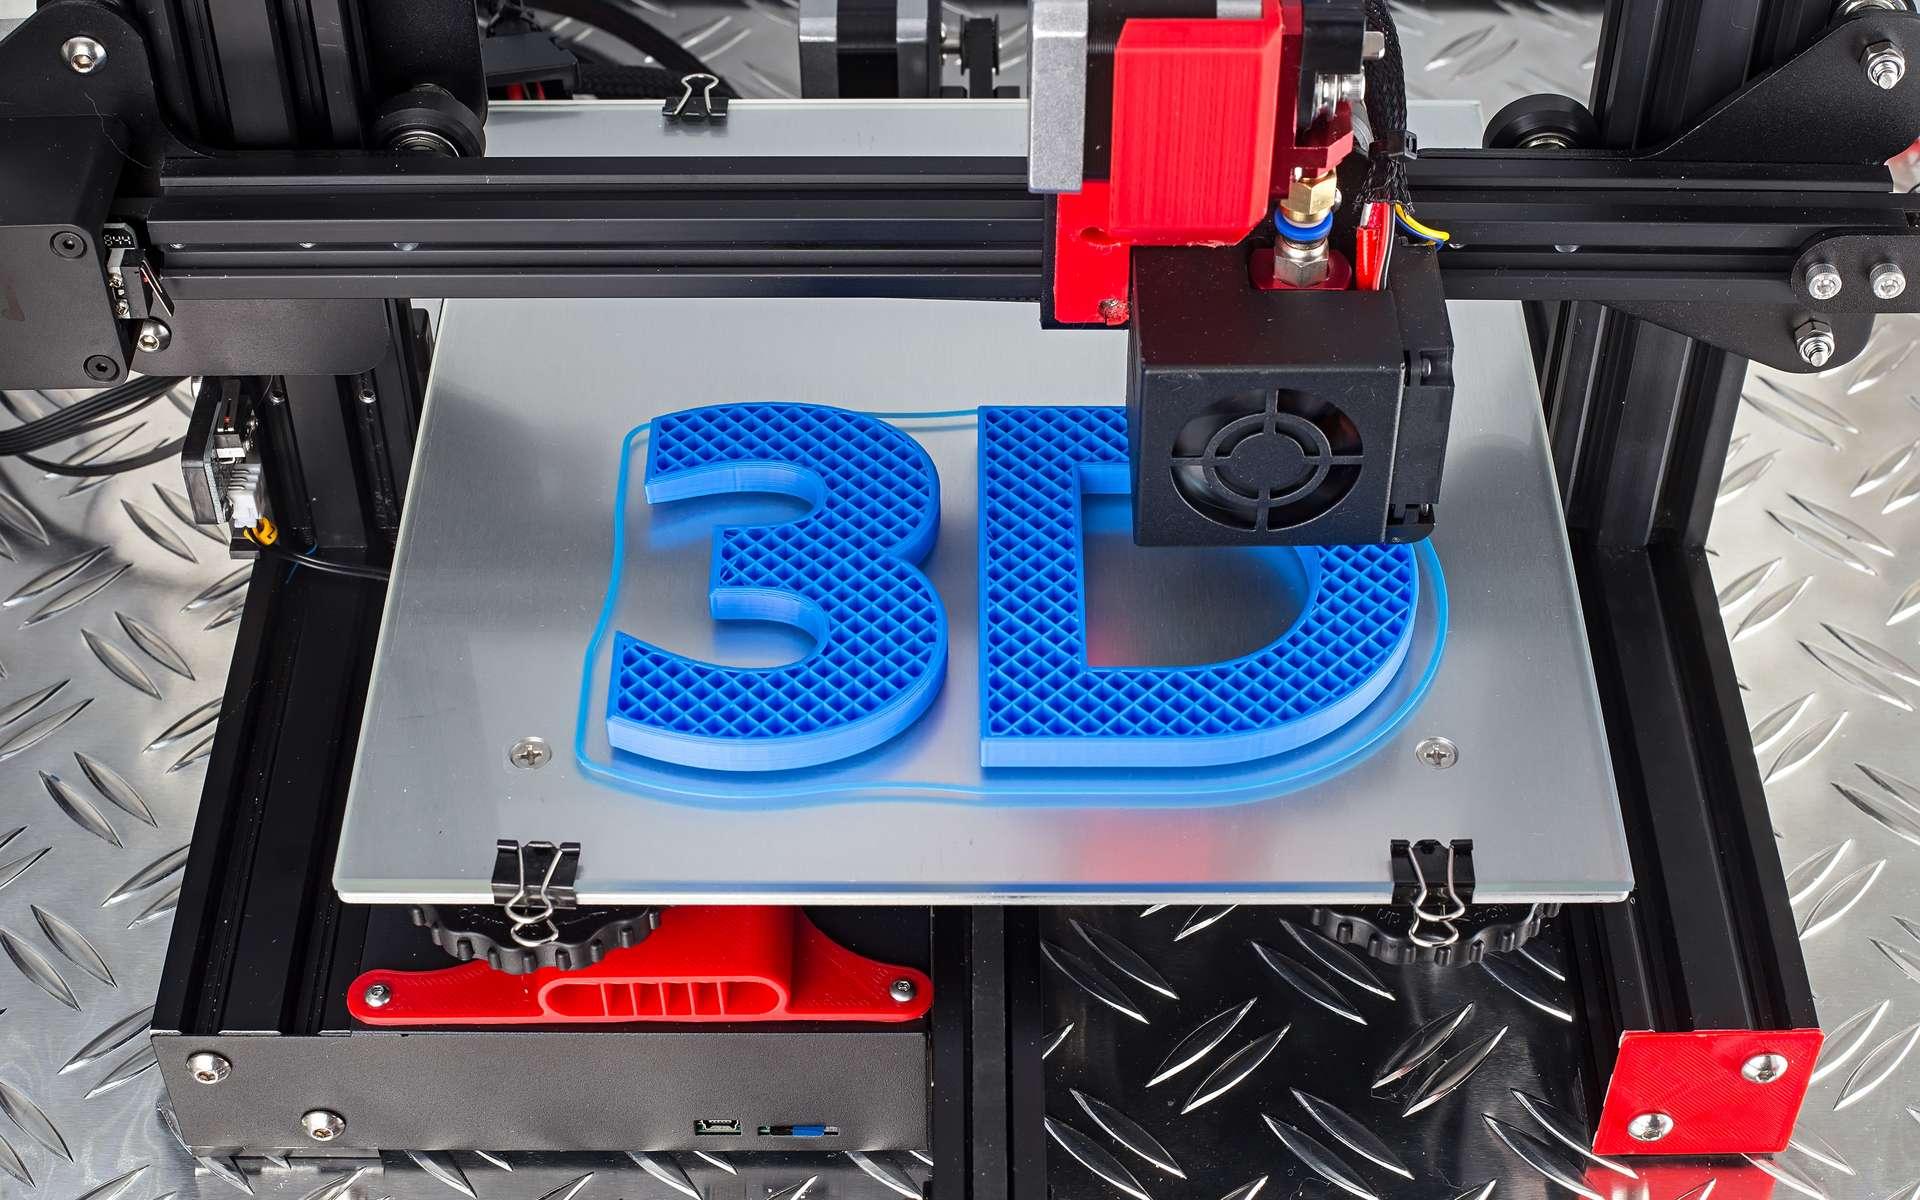 La mise en service de l'imprimante 3D